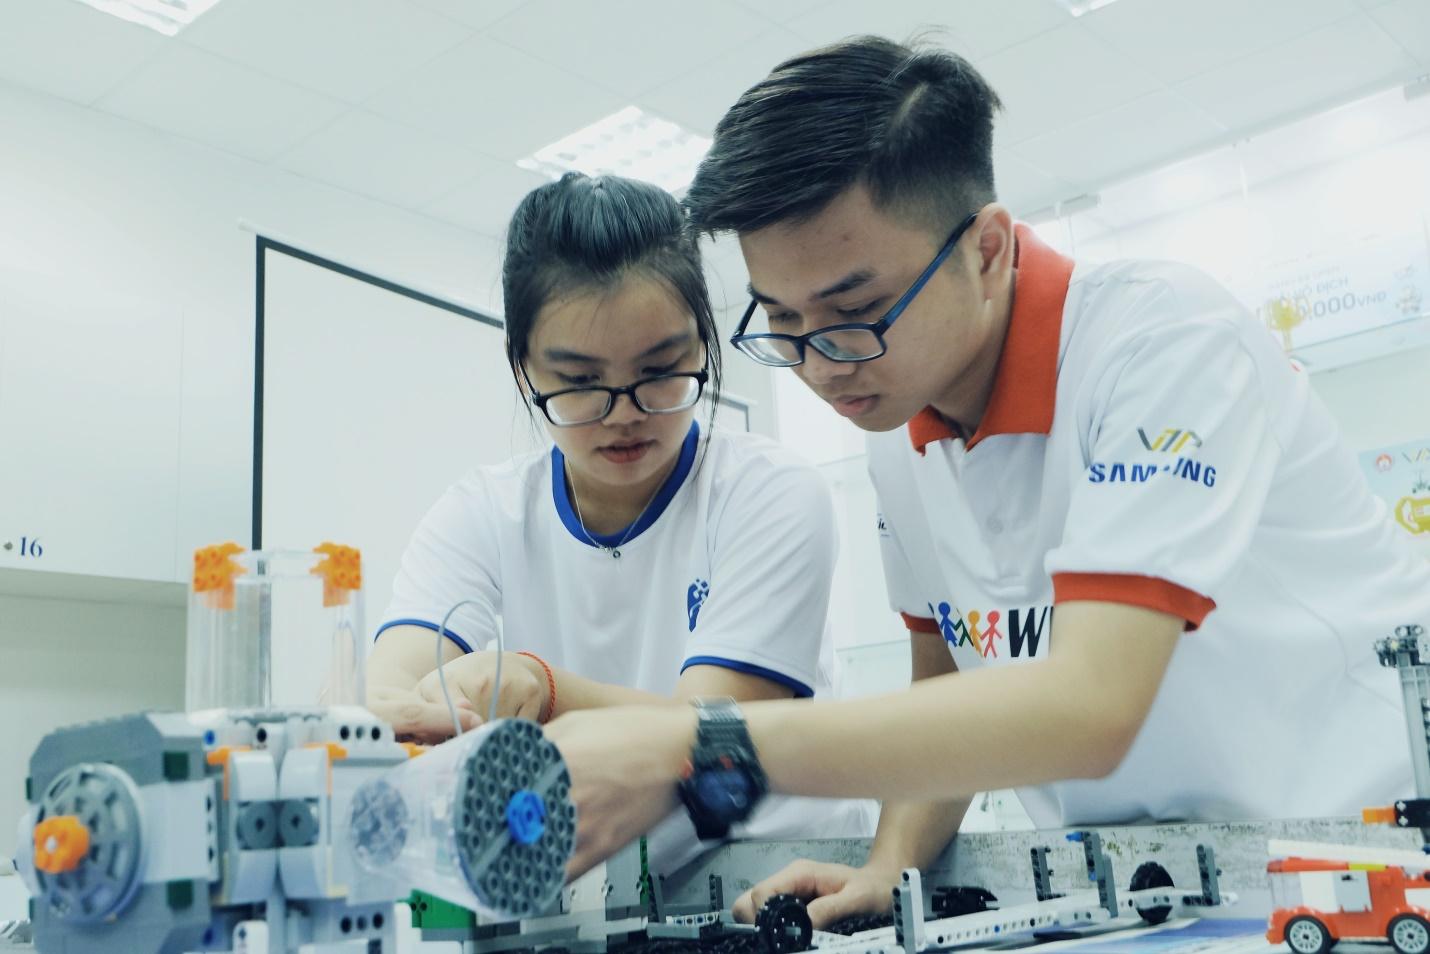 Gen Z và công nghệ: Những người trẻ này đang học đại học như thế nào? - Ảnh 4.